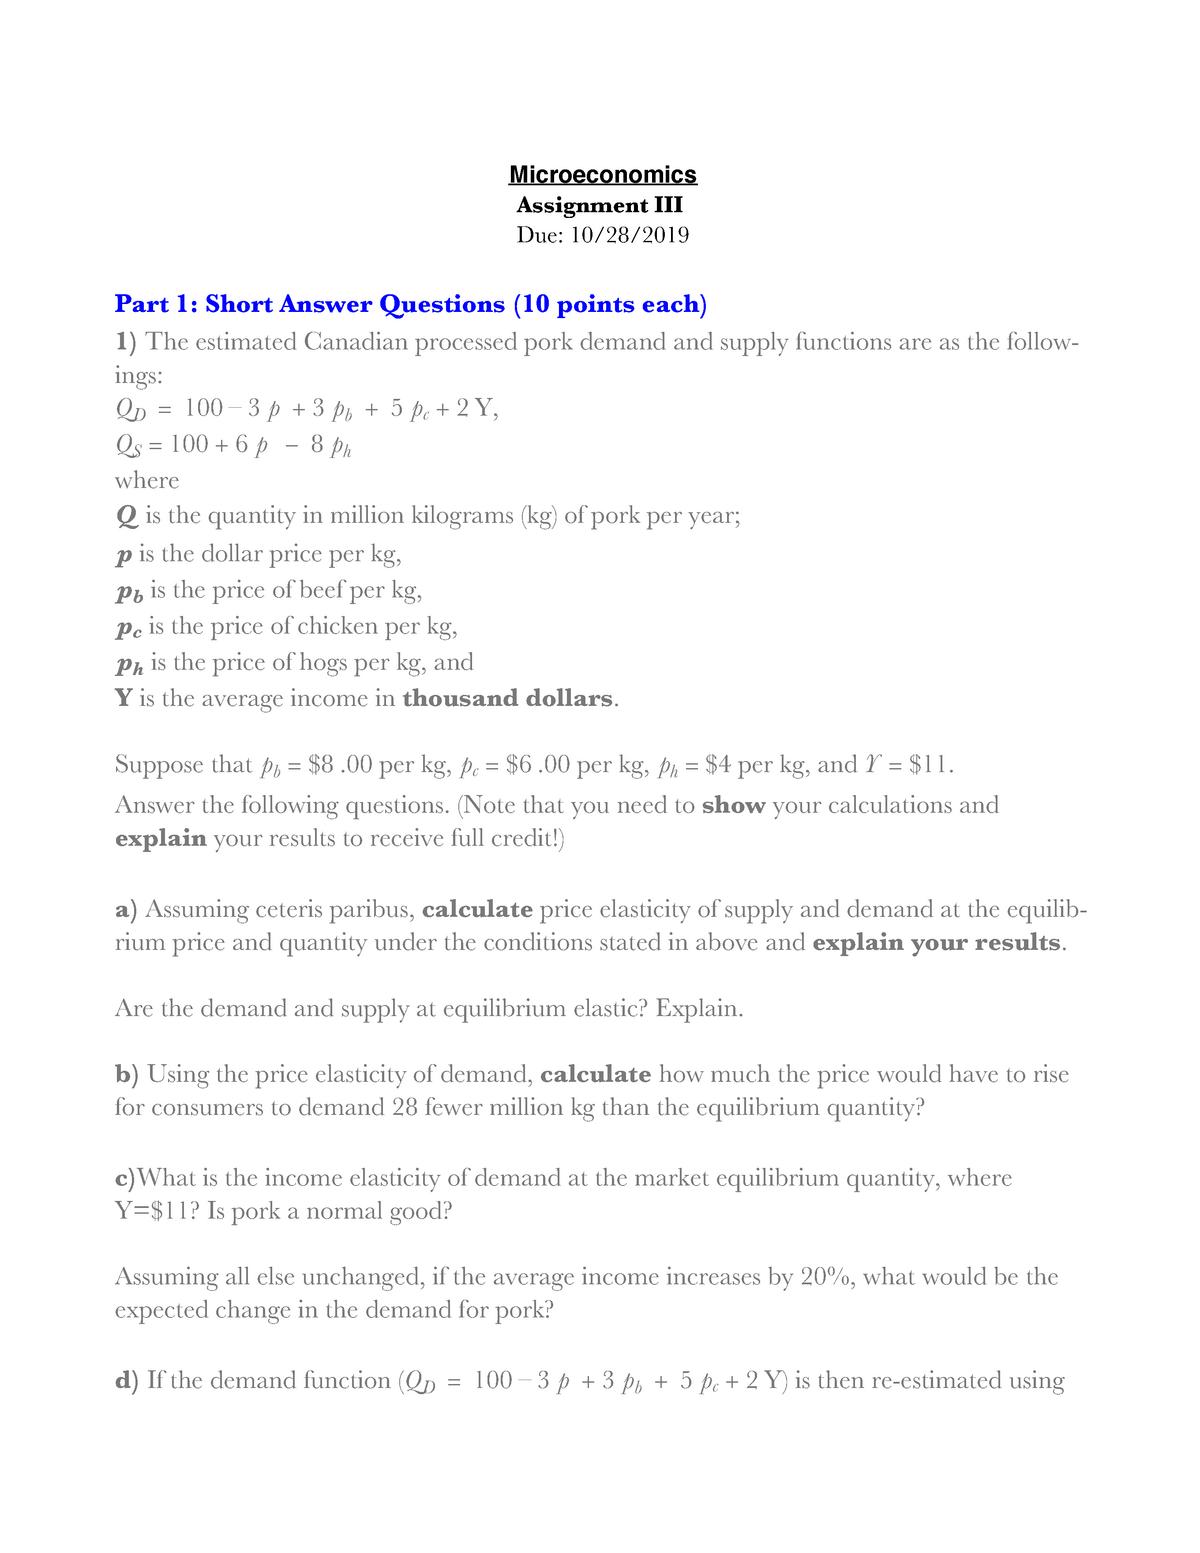 Econ 2200 Assignment 3 Econ 2200 Elementary Microeconomics Studocu